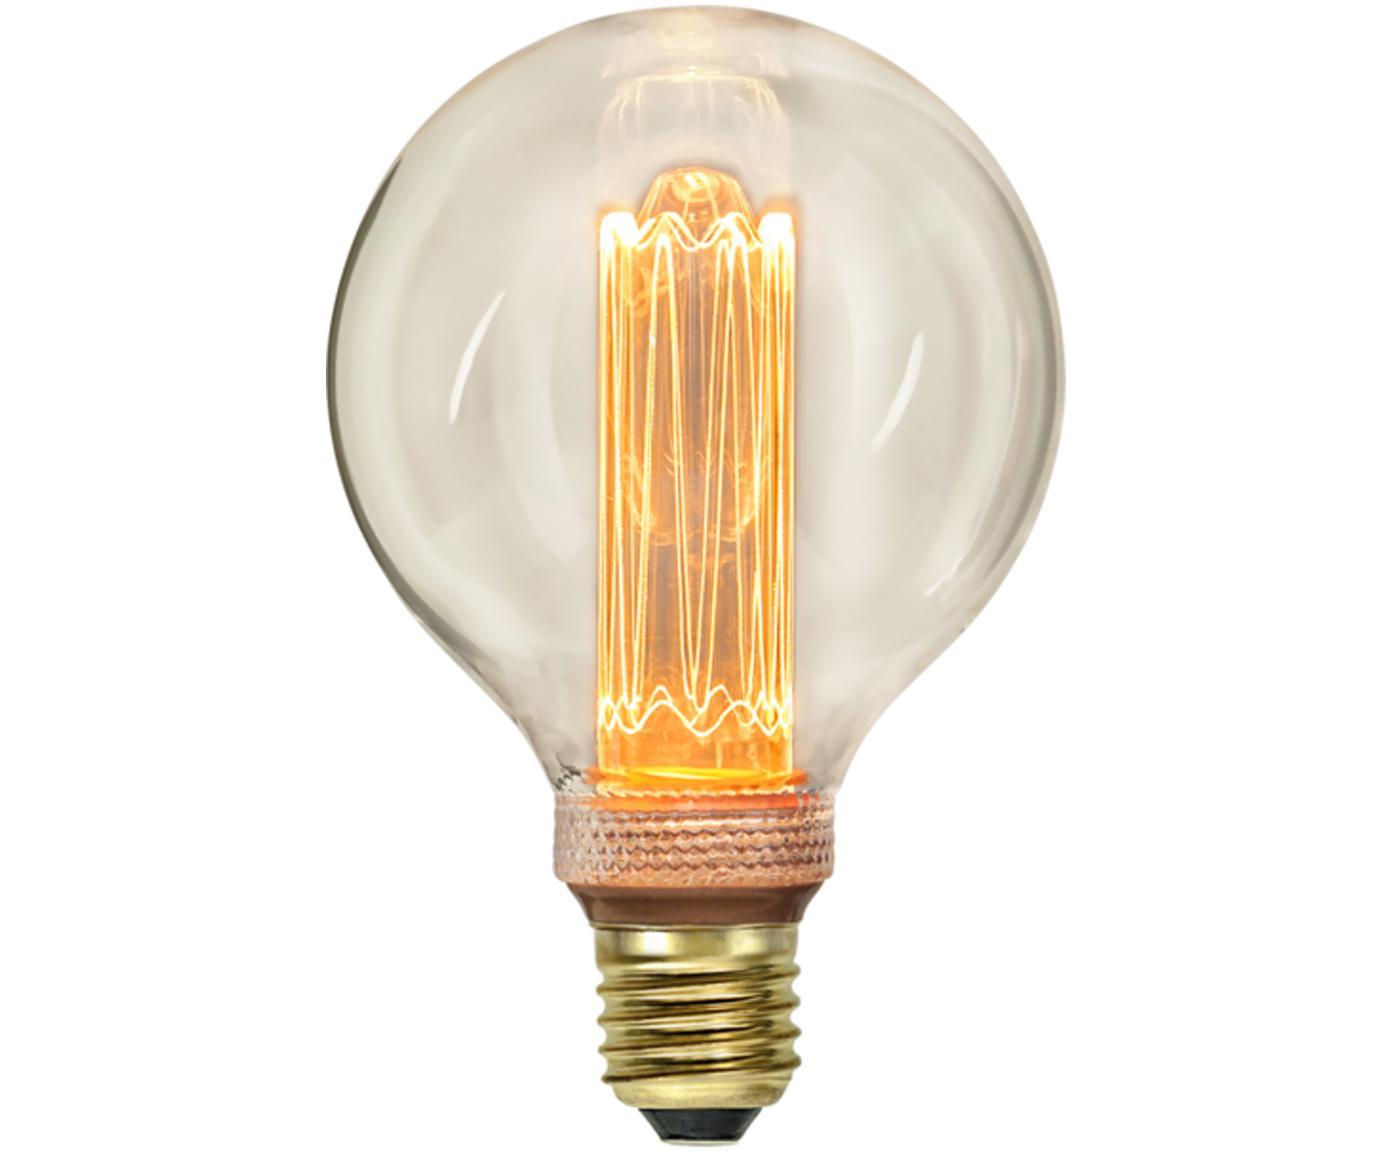 Żarówka LED XL z funkcją przyciemniania XL New Generation (E27/2.5W), Odcienie bursztynowego, 6 cm